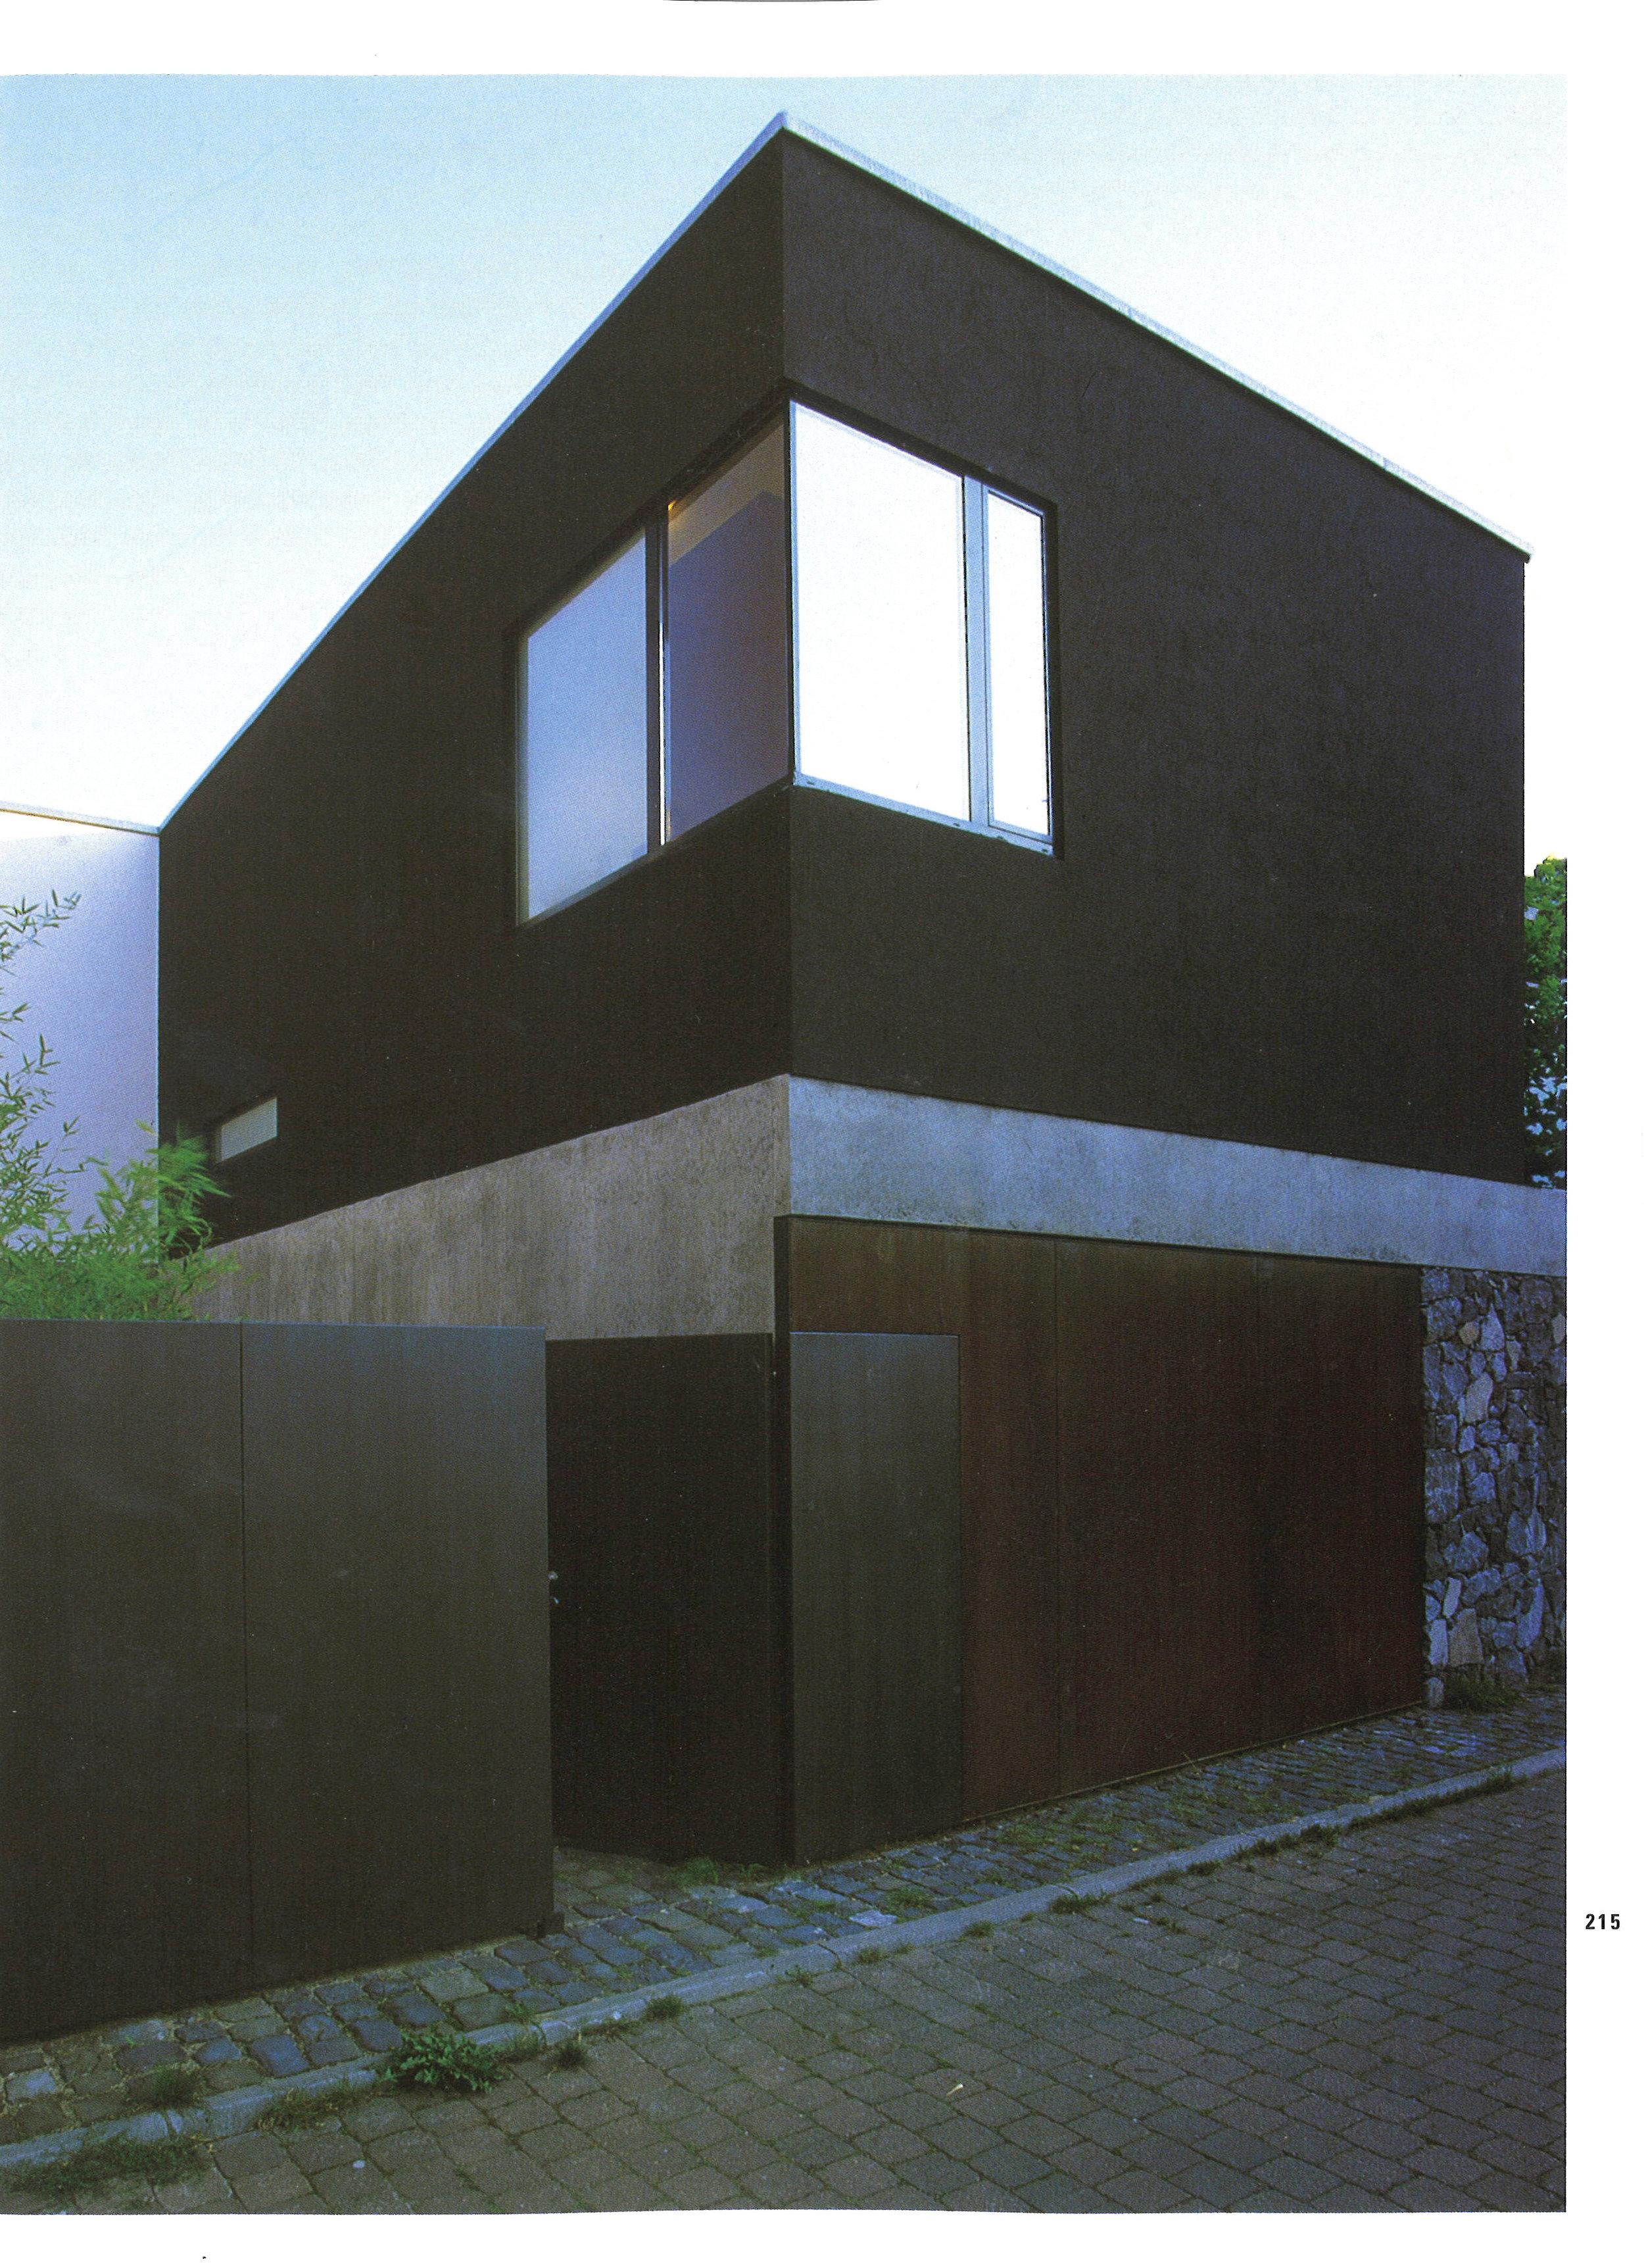 020000__Architektur in FAM_WH_2.jpg